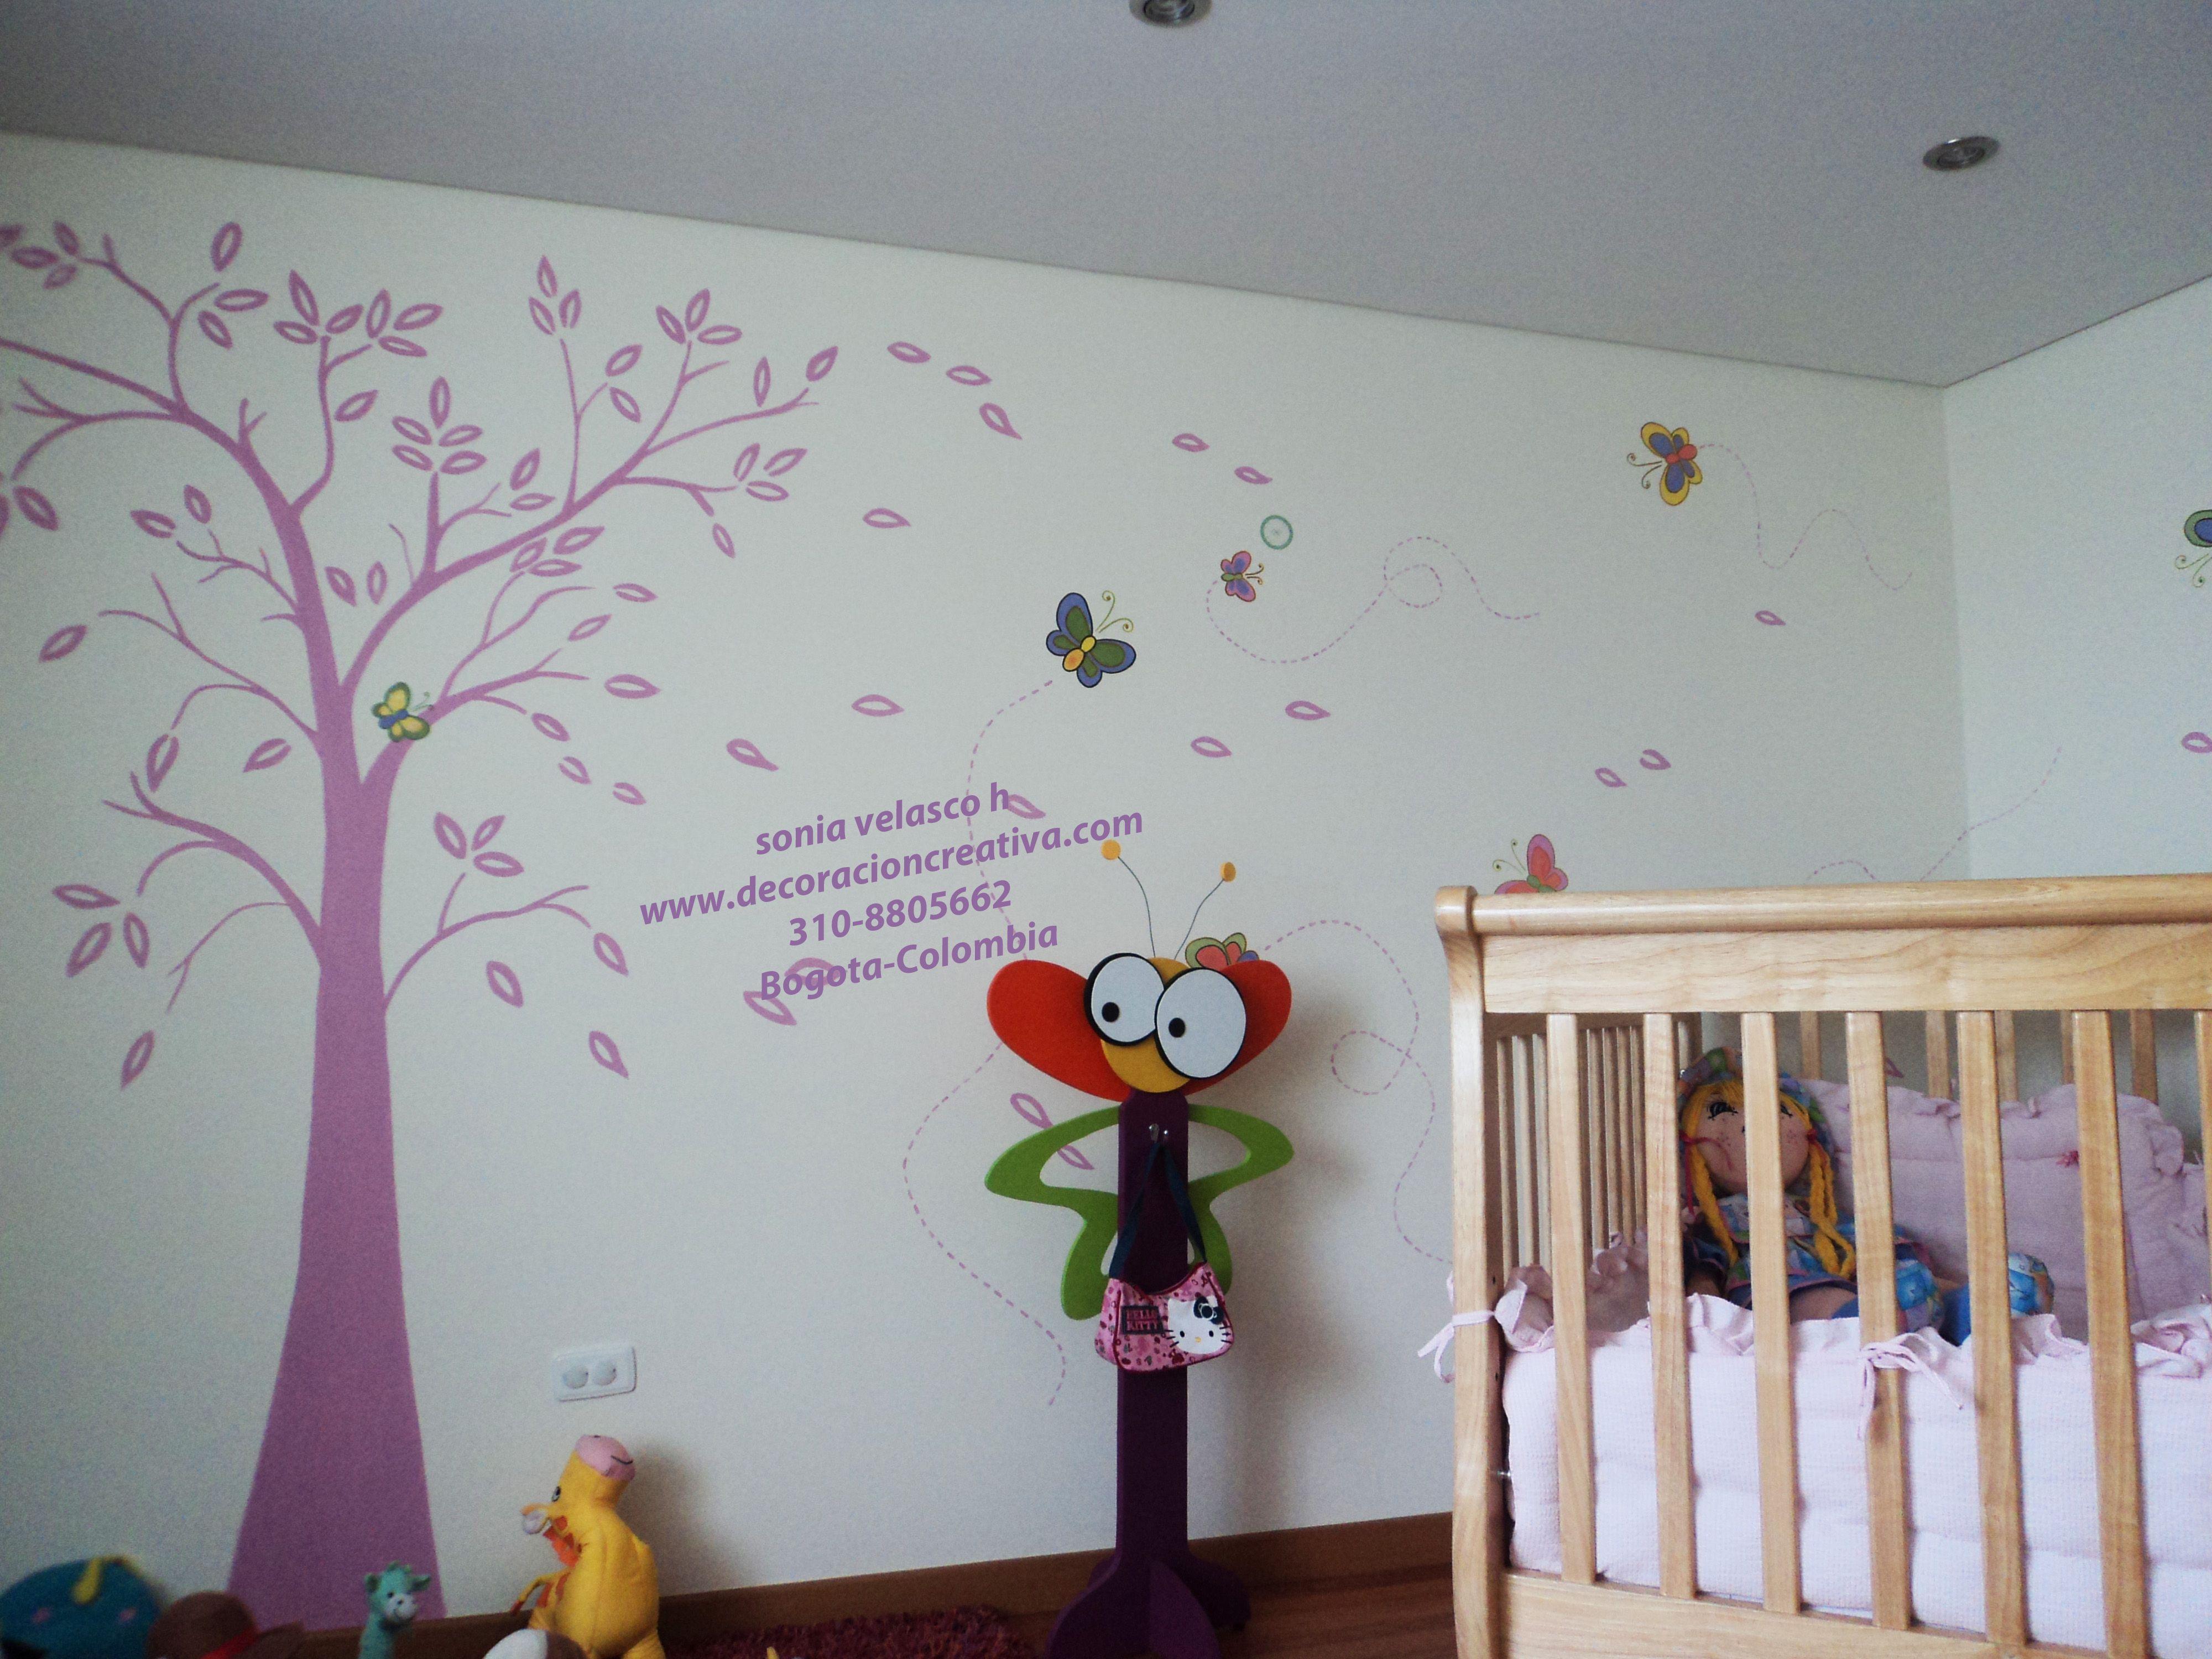 Murales Pintados Directamente Sobre La Pared Llamanos 310 8805662  # Muebles Velasco